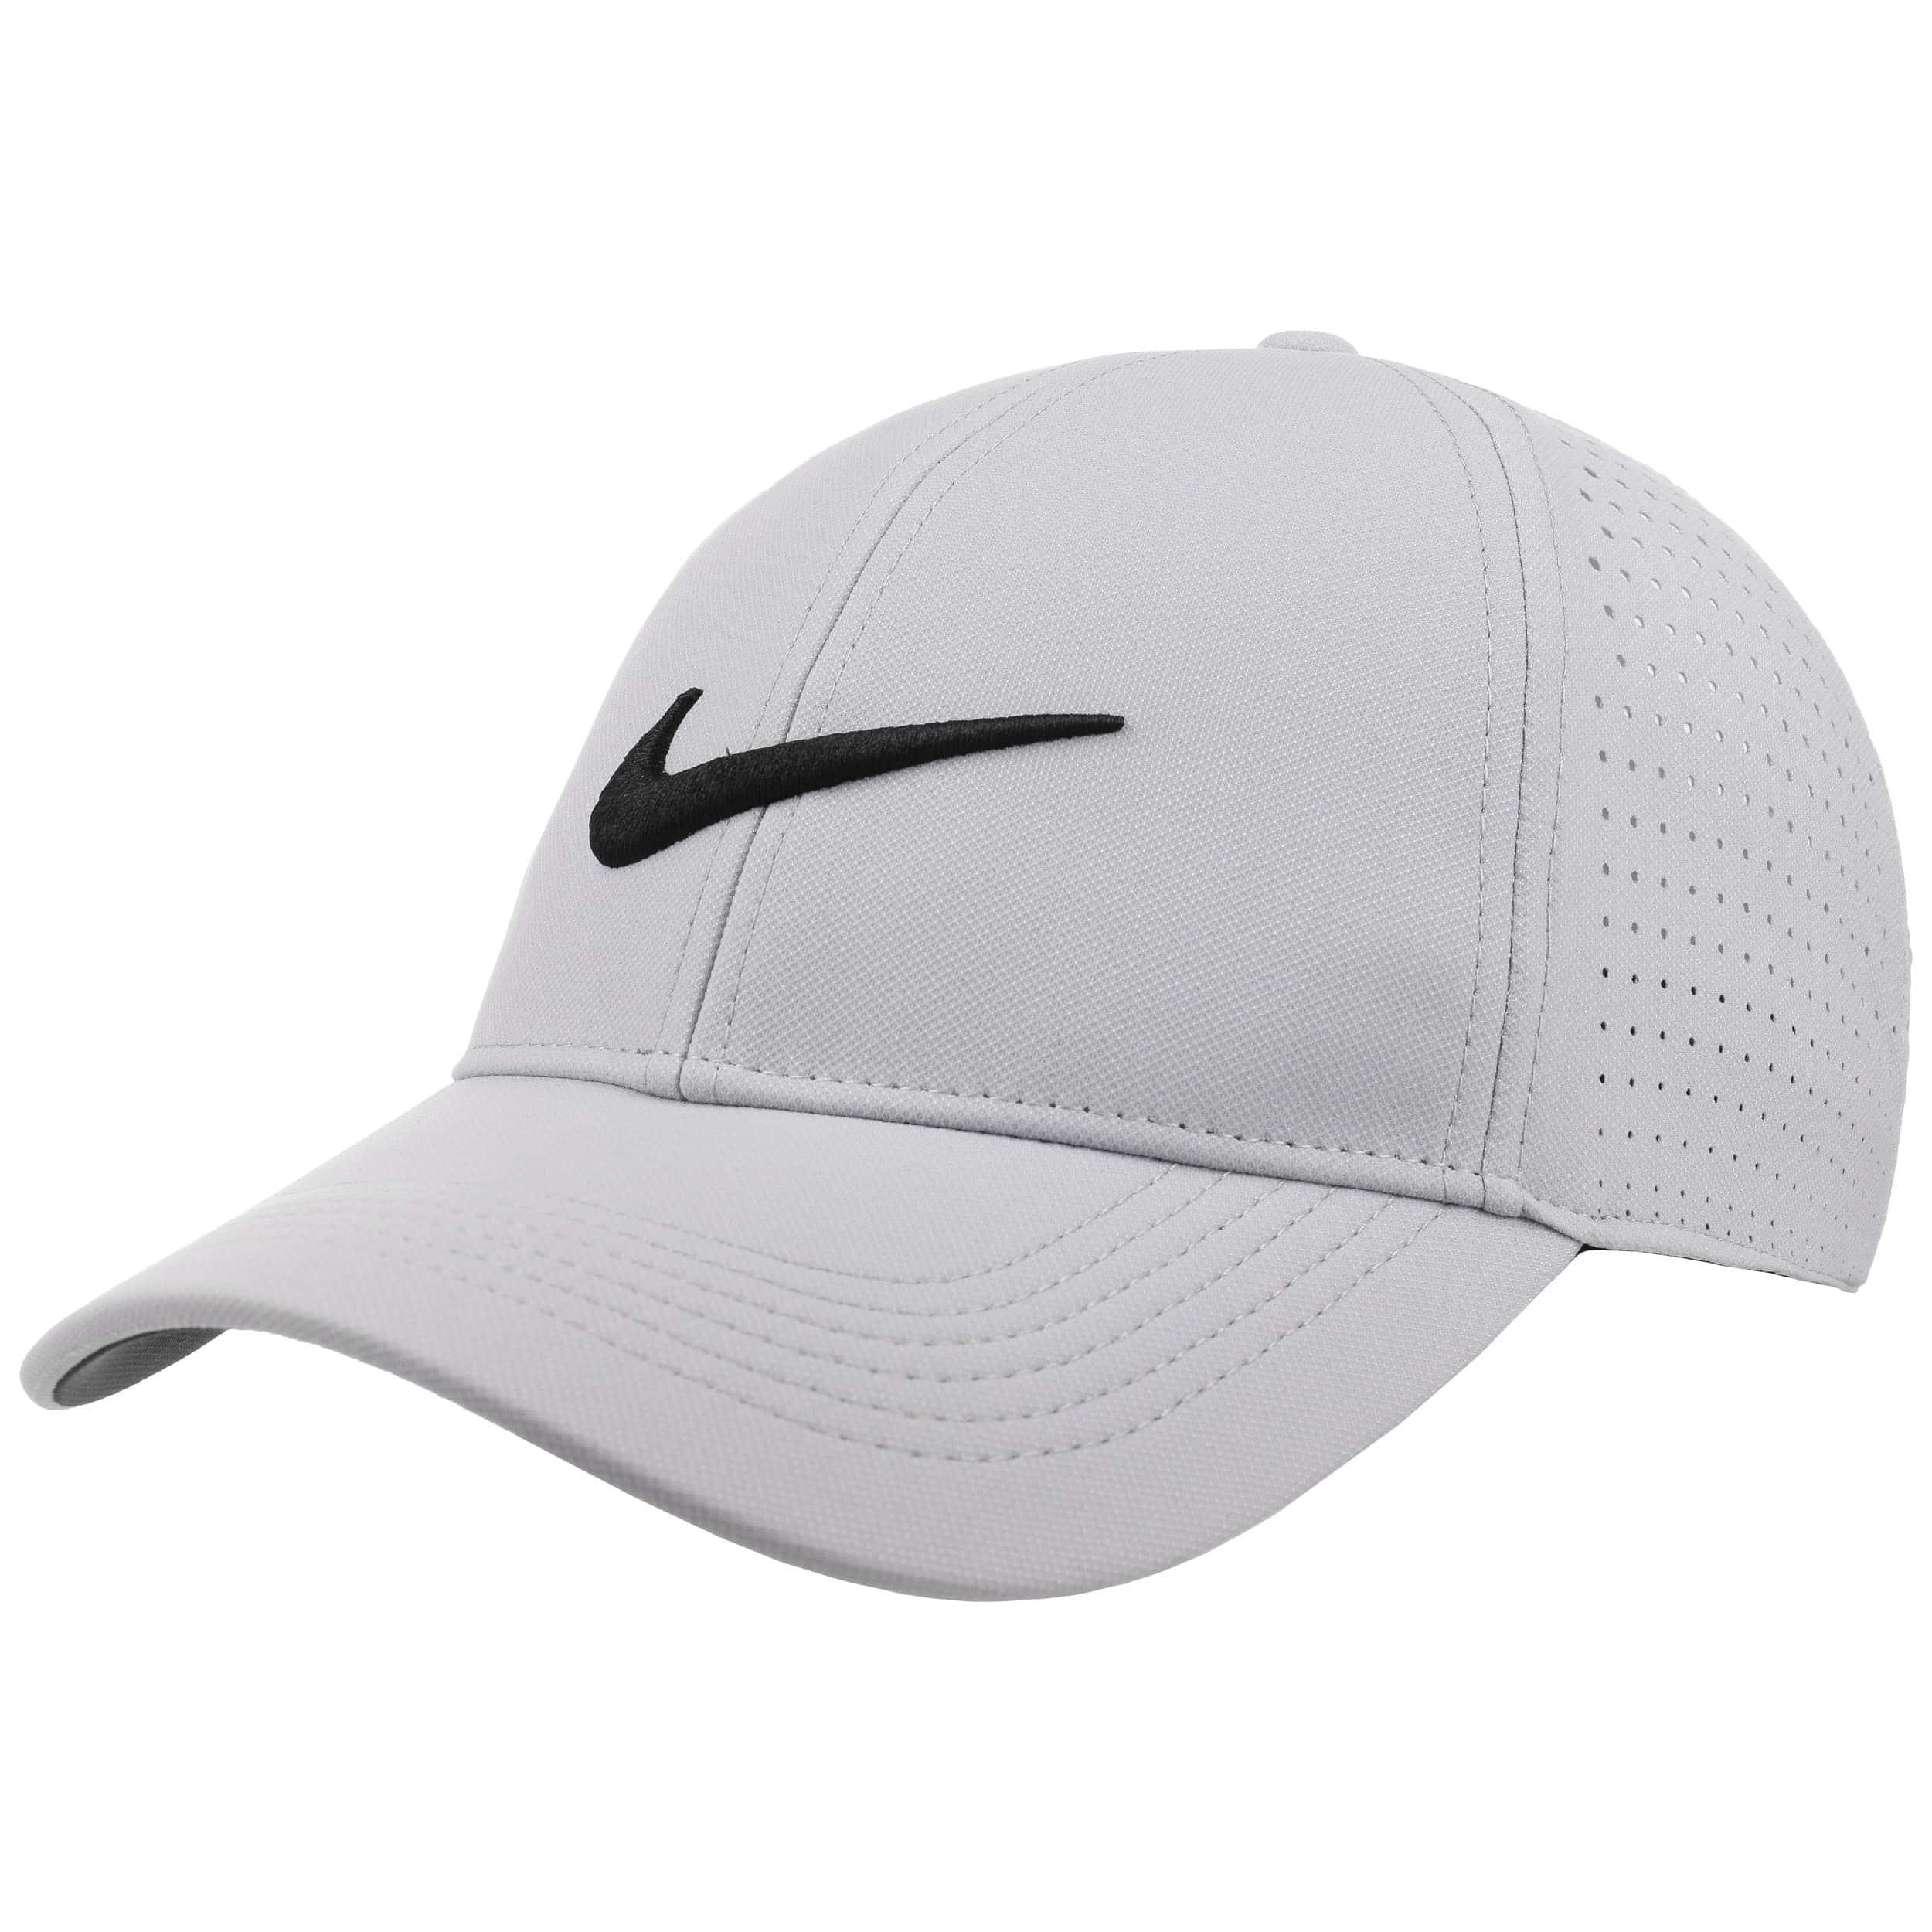 ... Legacy 91 Perf Strapback Cap by Nike - light grey 6 ... 884b47ac8b5